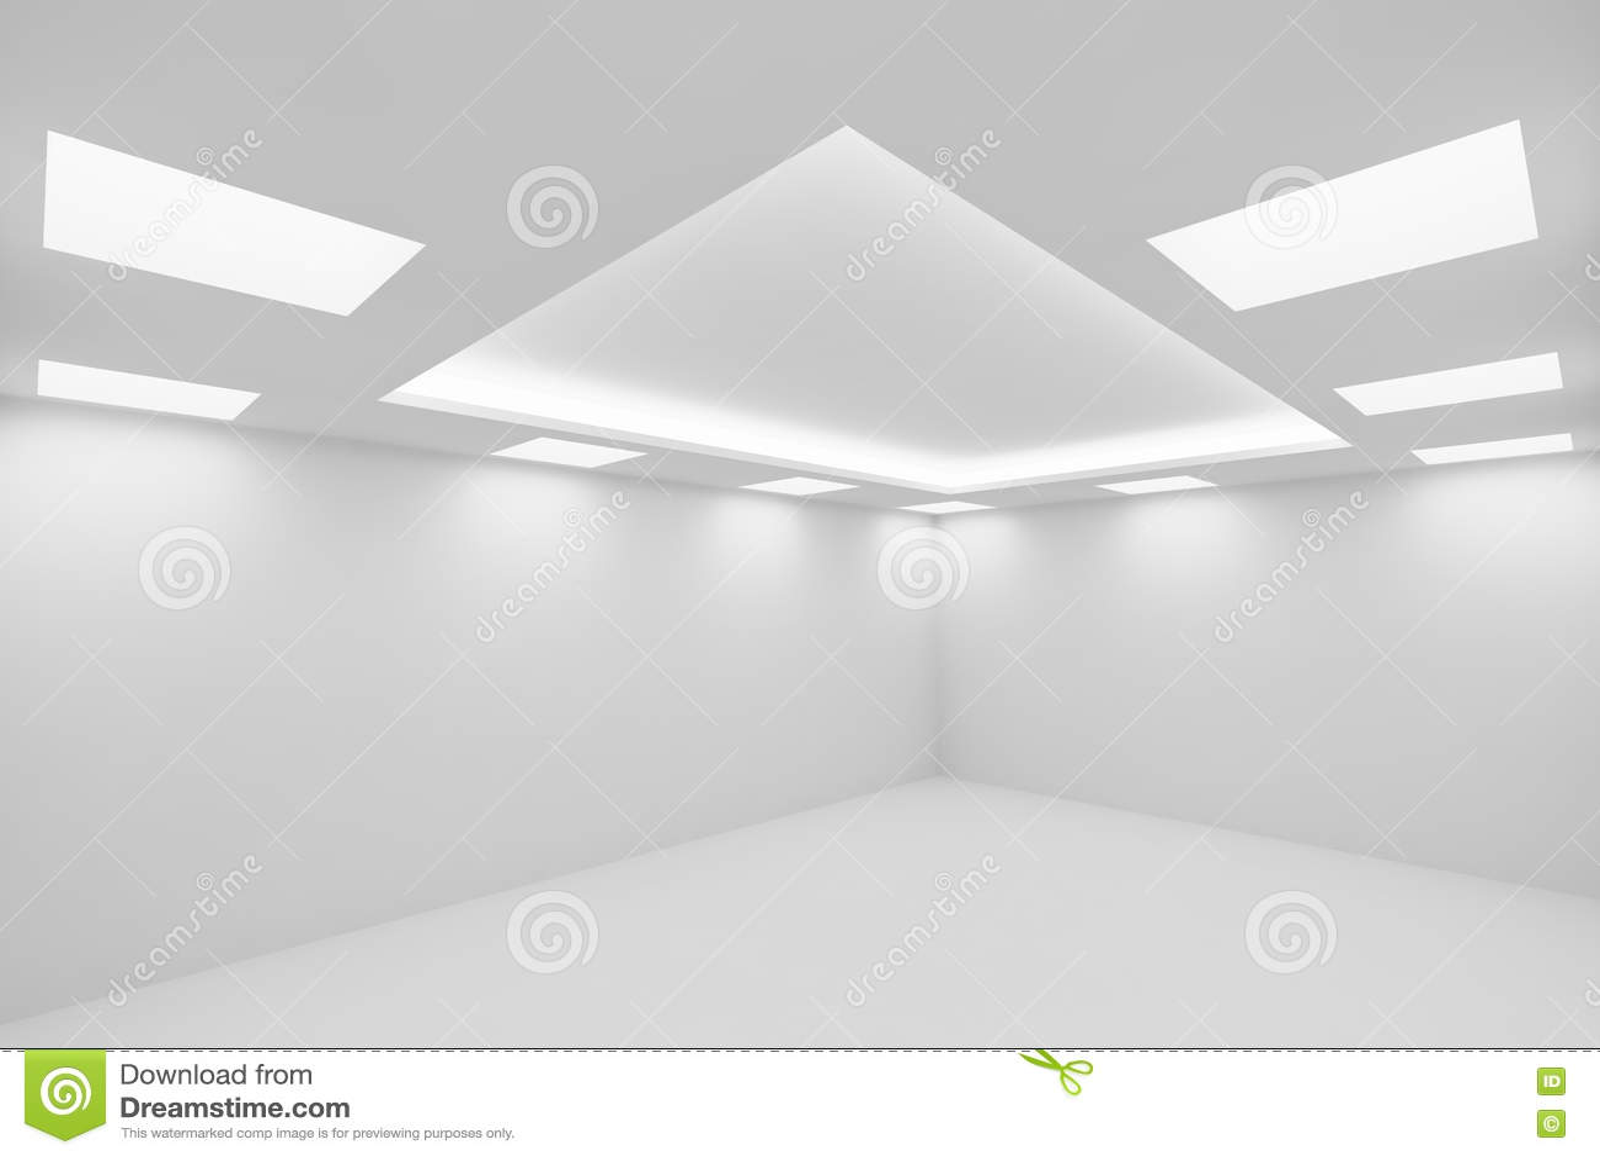 Plafoniere Con Lampade A Vista : Ðu stanza bianca mpty con l ampia vista delle plafoniere quadrate